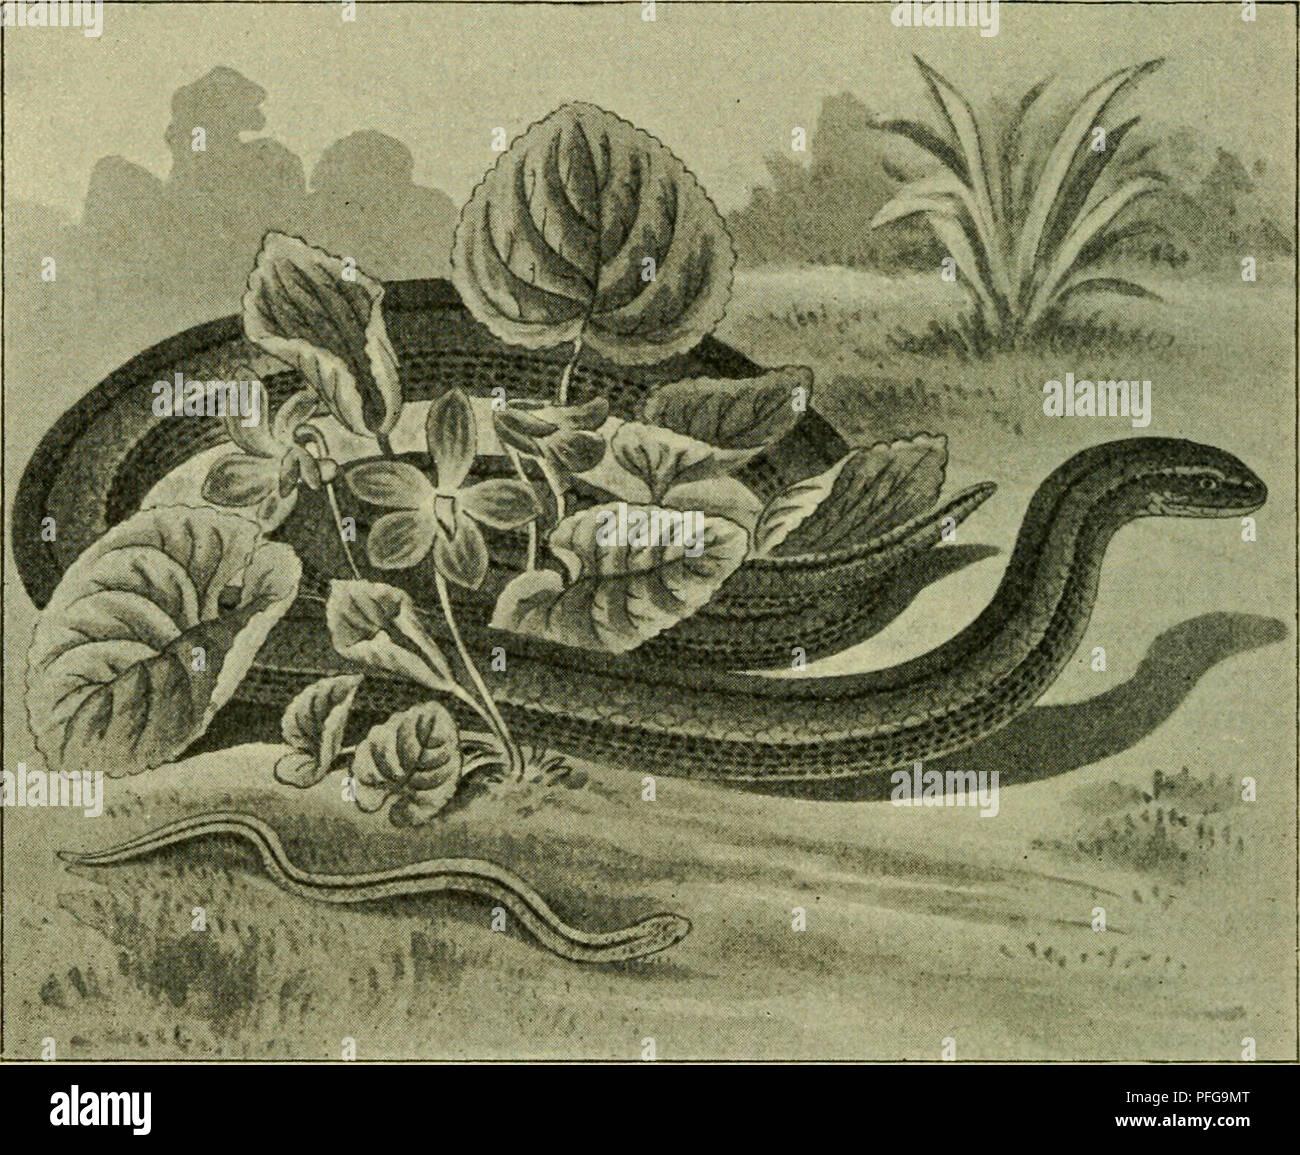 . Das Leben unserer heimischen Lurche und Kriech Tiere im Kreislaufe eines Jahres. Amphibians; Reptiles. — 62 — frosch und der Taufrosch, wie man dies leicht an ge- fangenen Springfröschen beobachten kann, die sehr rasch zutrauhch werden, kennzeichnet er sich uns im Freien schon durch seine graziösen, hohen und weiten Sprünge, zu denen ihn seine schlanken Langbeine befähigen. Sätze in der Höhe von fast 70 cm und 2 m Weite sind da nichts Seltenes.. Abb. 15. Blindschleiche; unten ganz junges Tier. Während der Moorfrosch höchstens 7 cm lang wird, wird der Springfrosch gegen 9 cm lang. Die häufigs Stock Photo